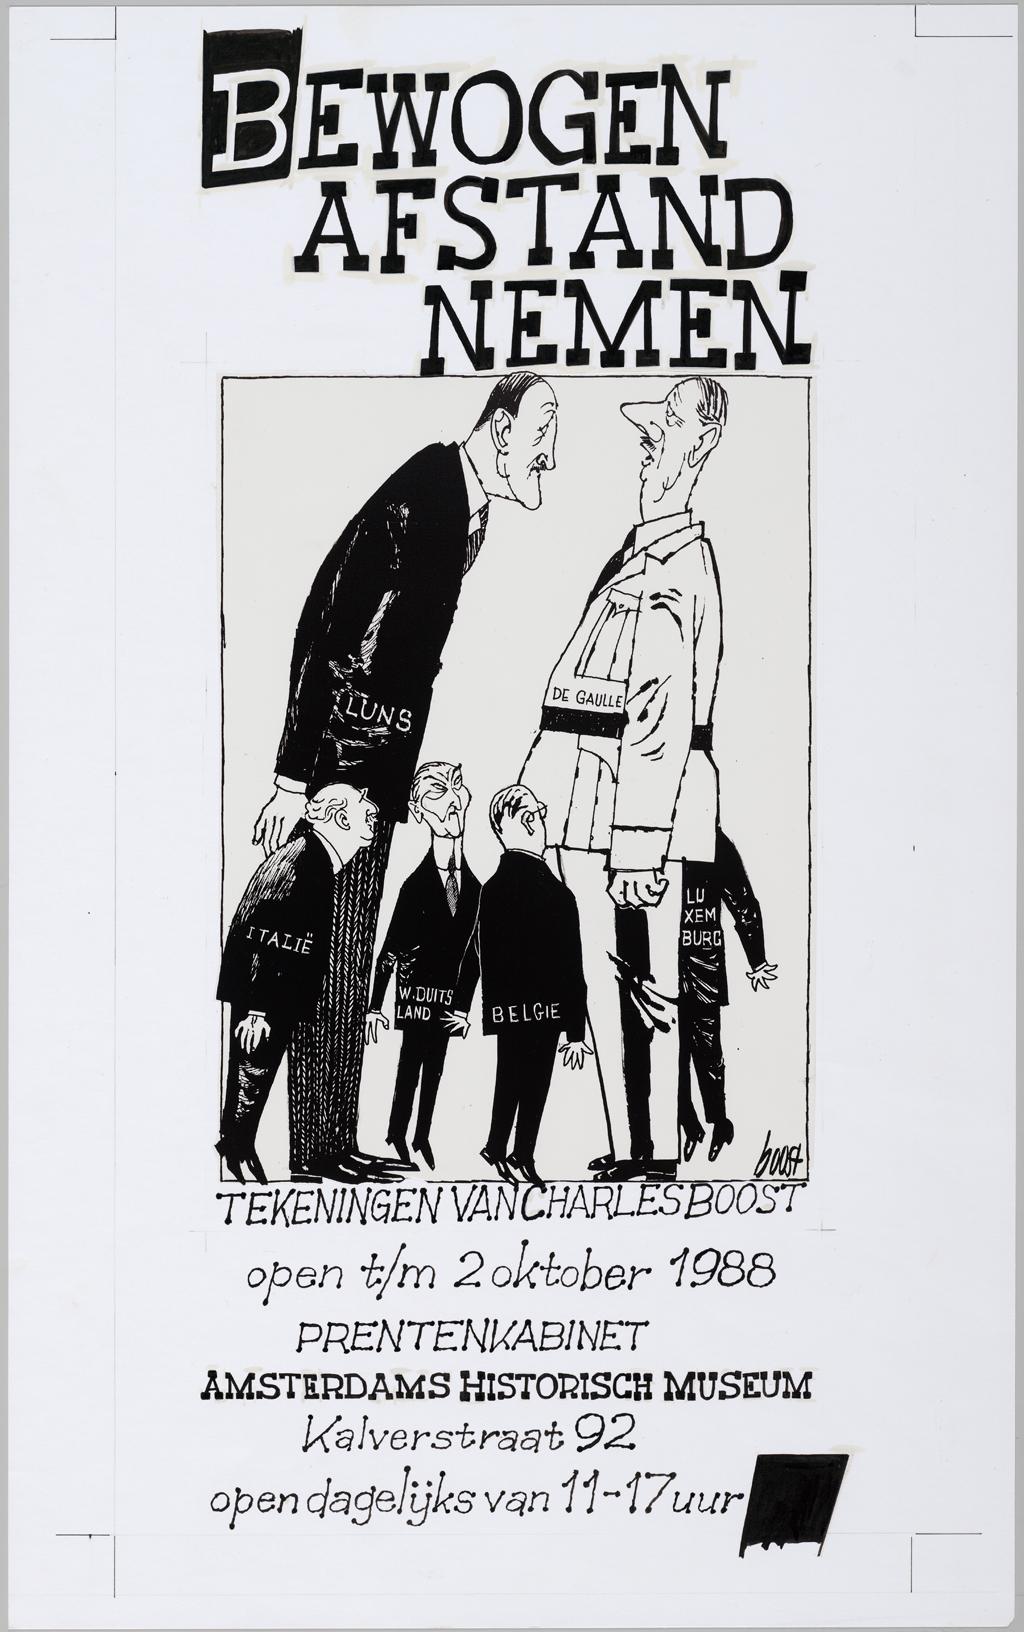 1988, ontwerp voor affiche tentoonstelling Bewogen afstand nemen